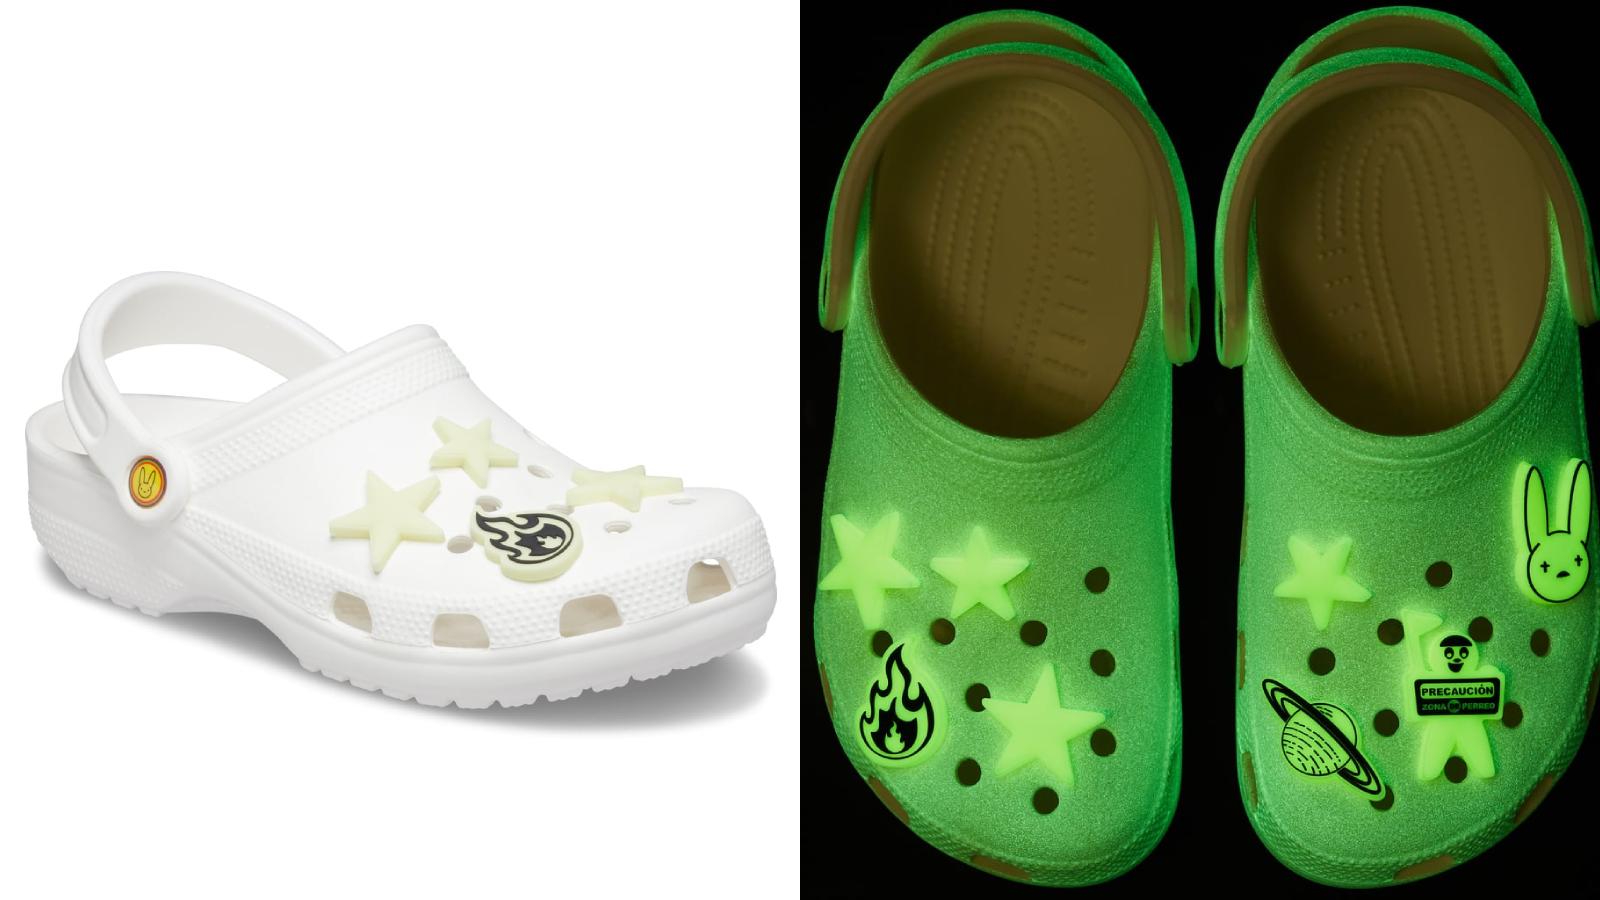 buy Bad Bunny's glow-in-the-dark Crocs